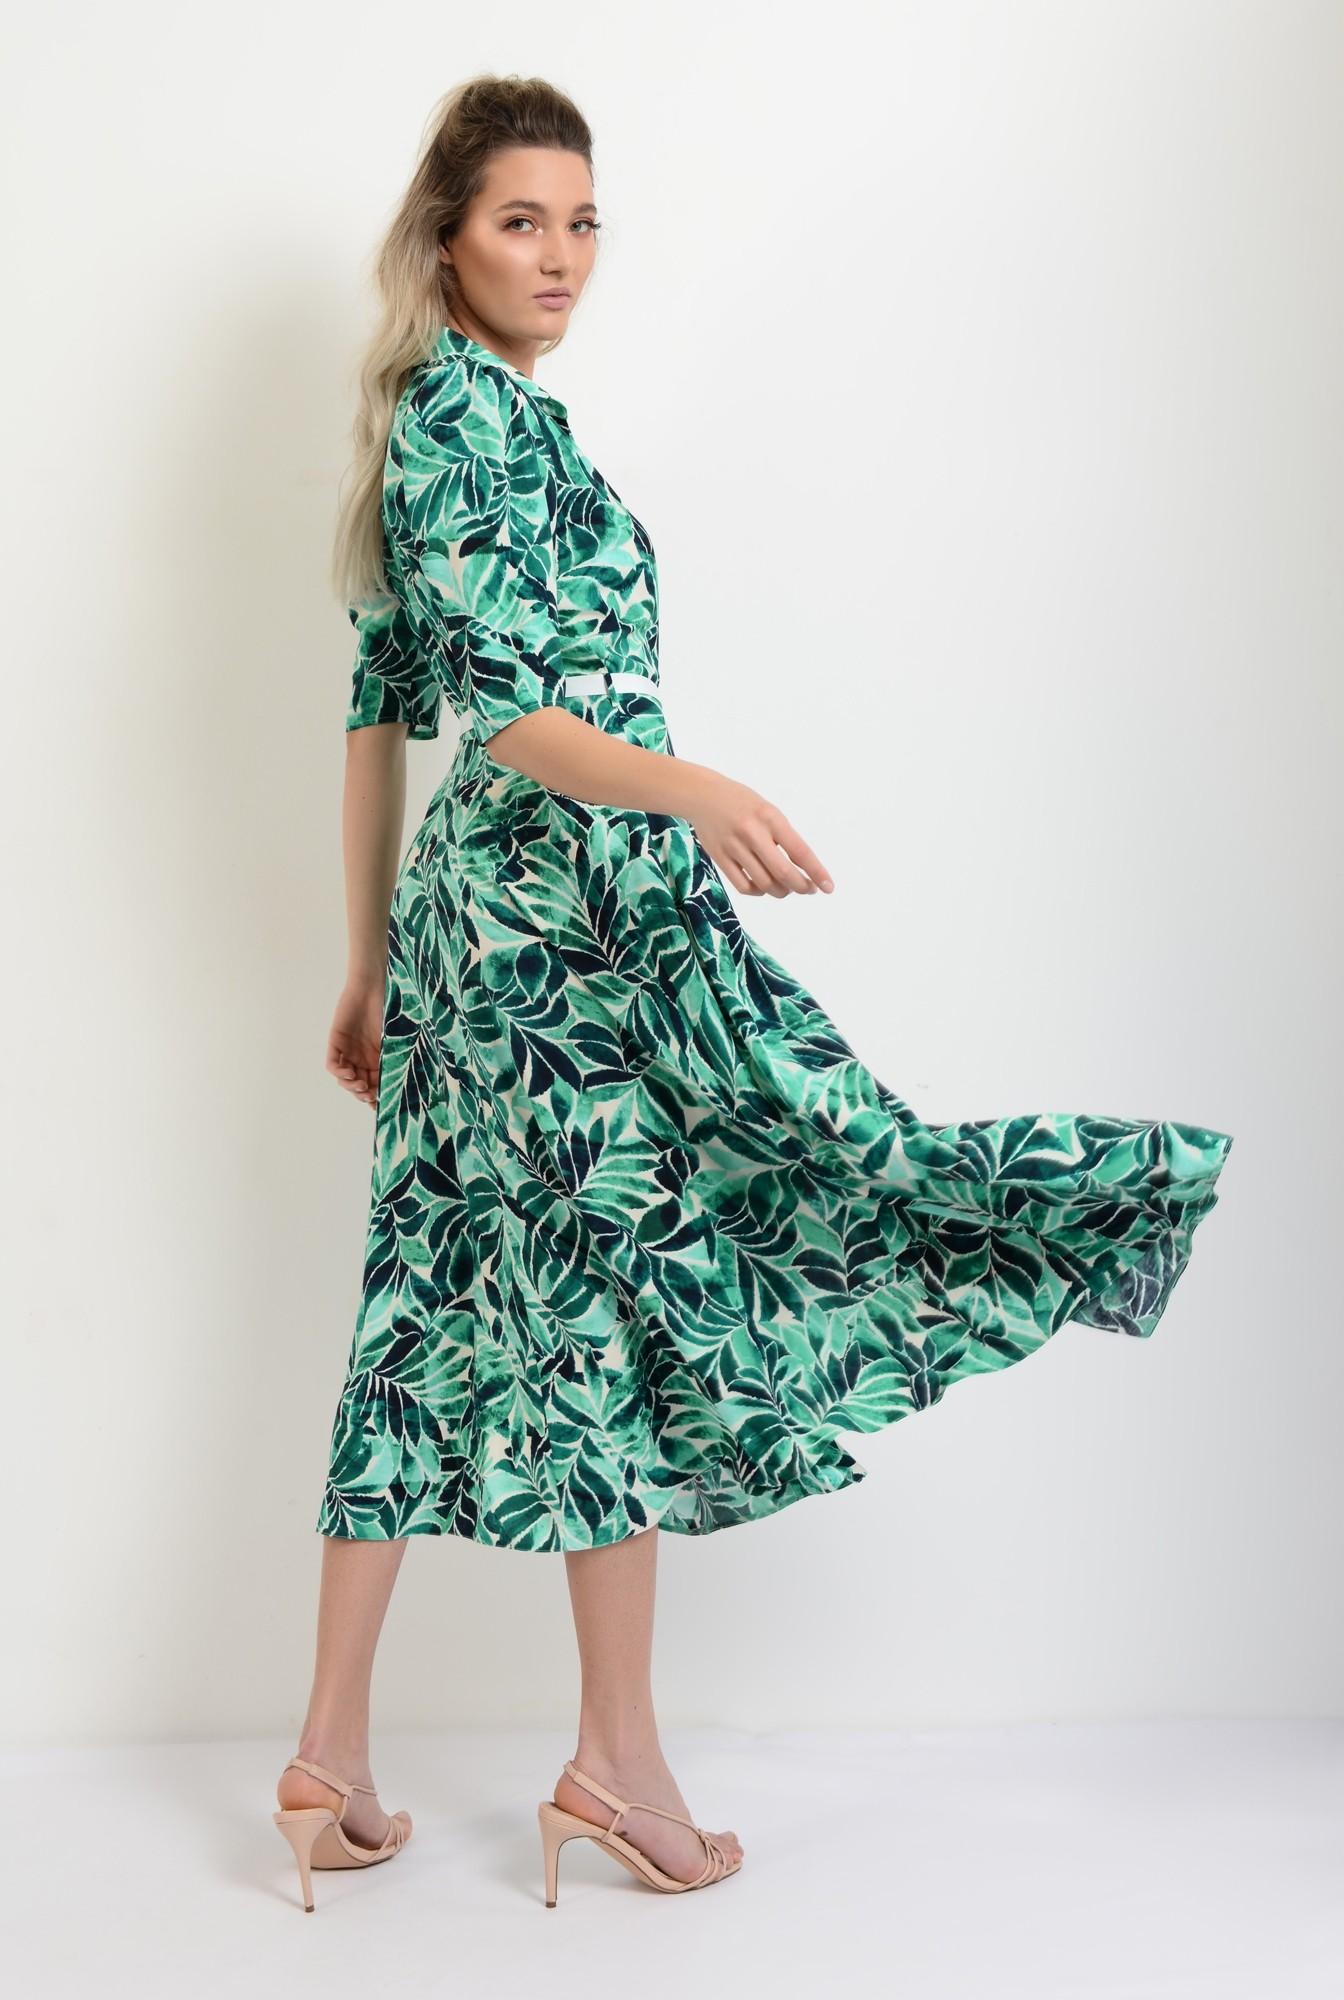 1 - rochie de vara, midi, evazata, cu print, cu cordon in contrast